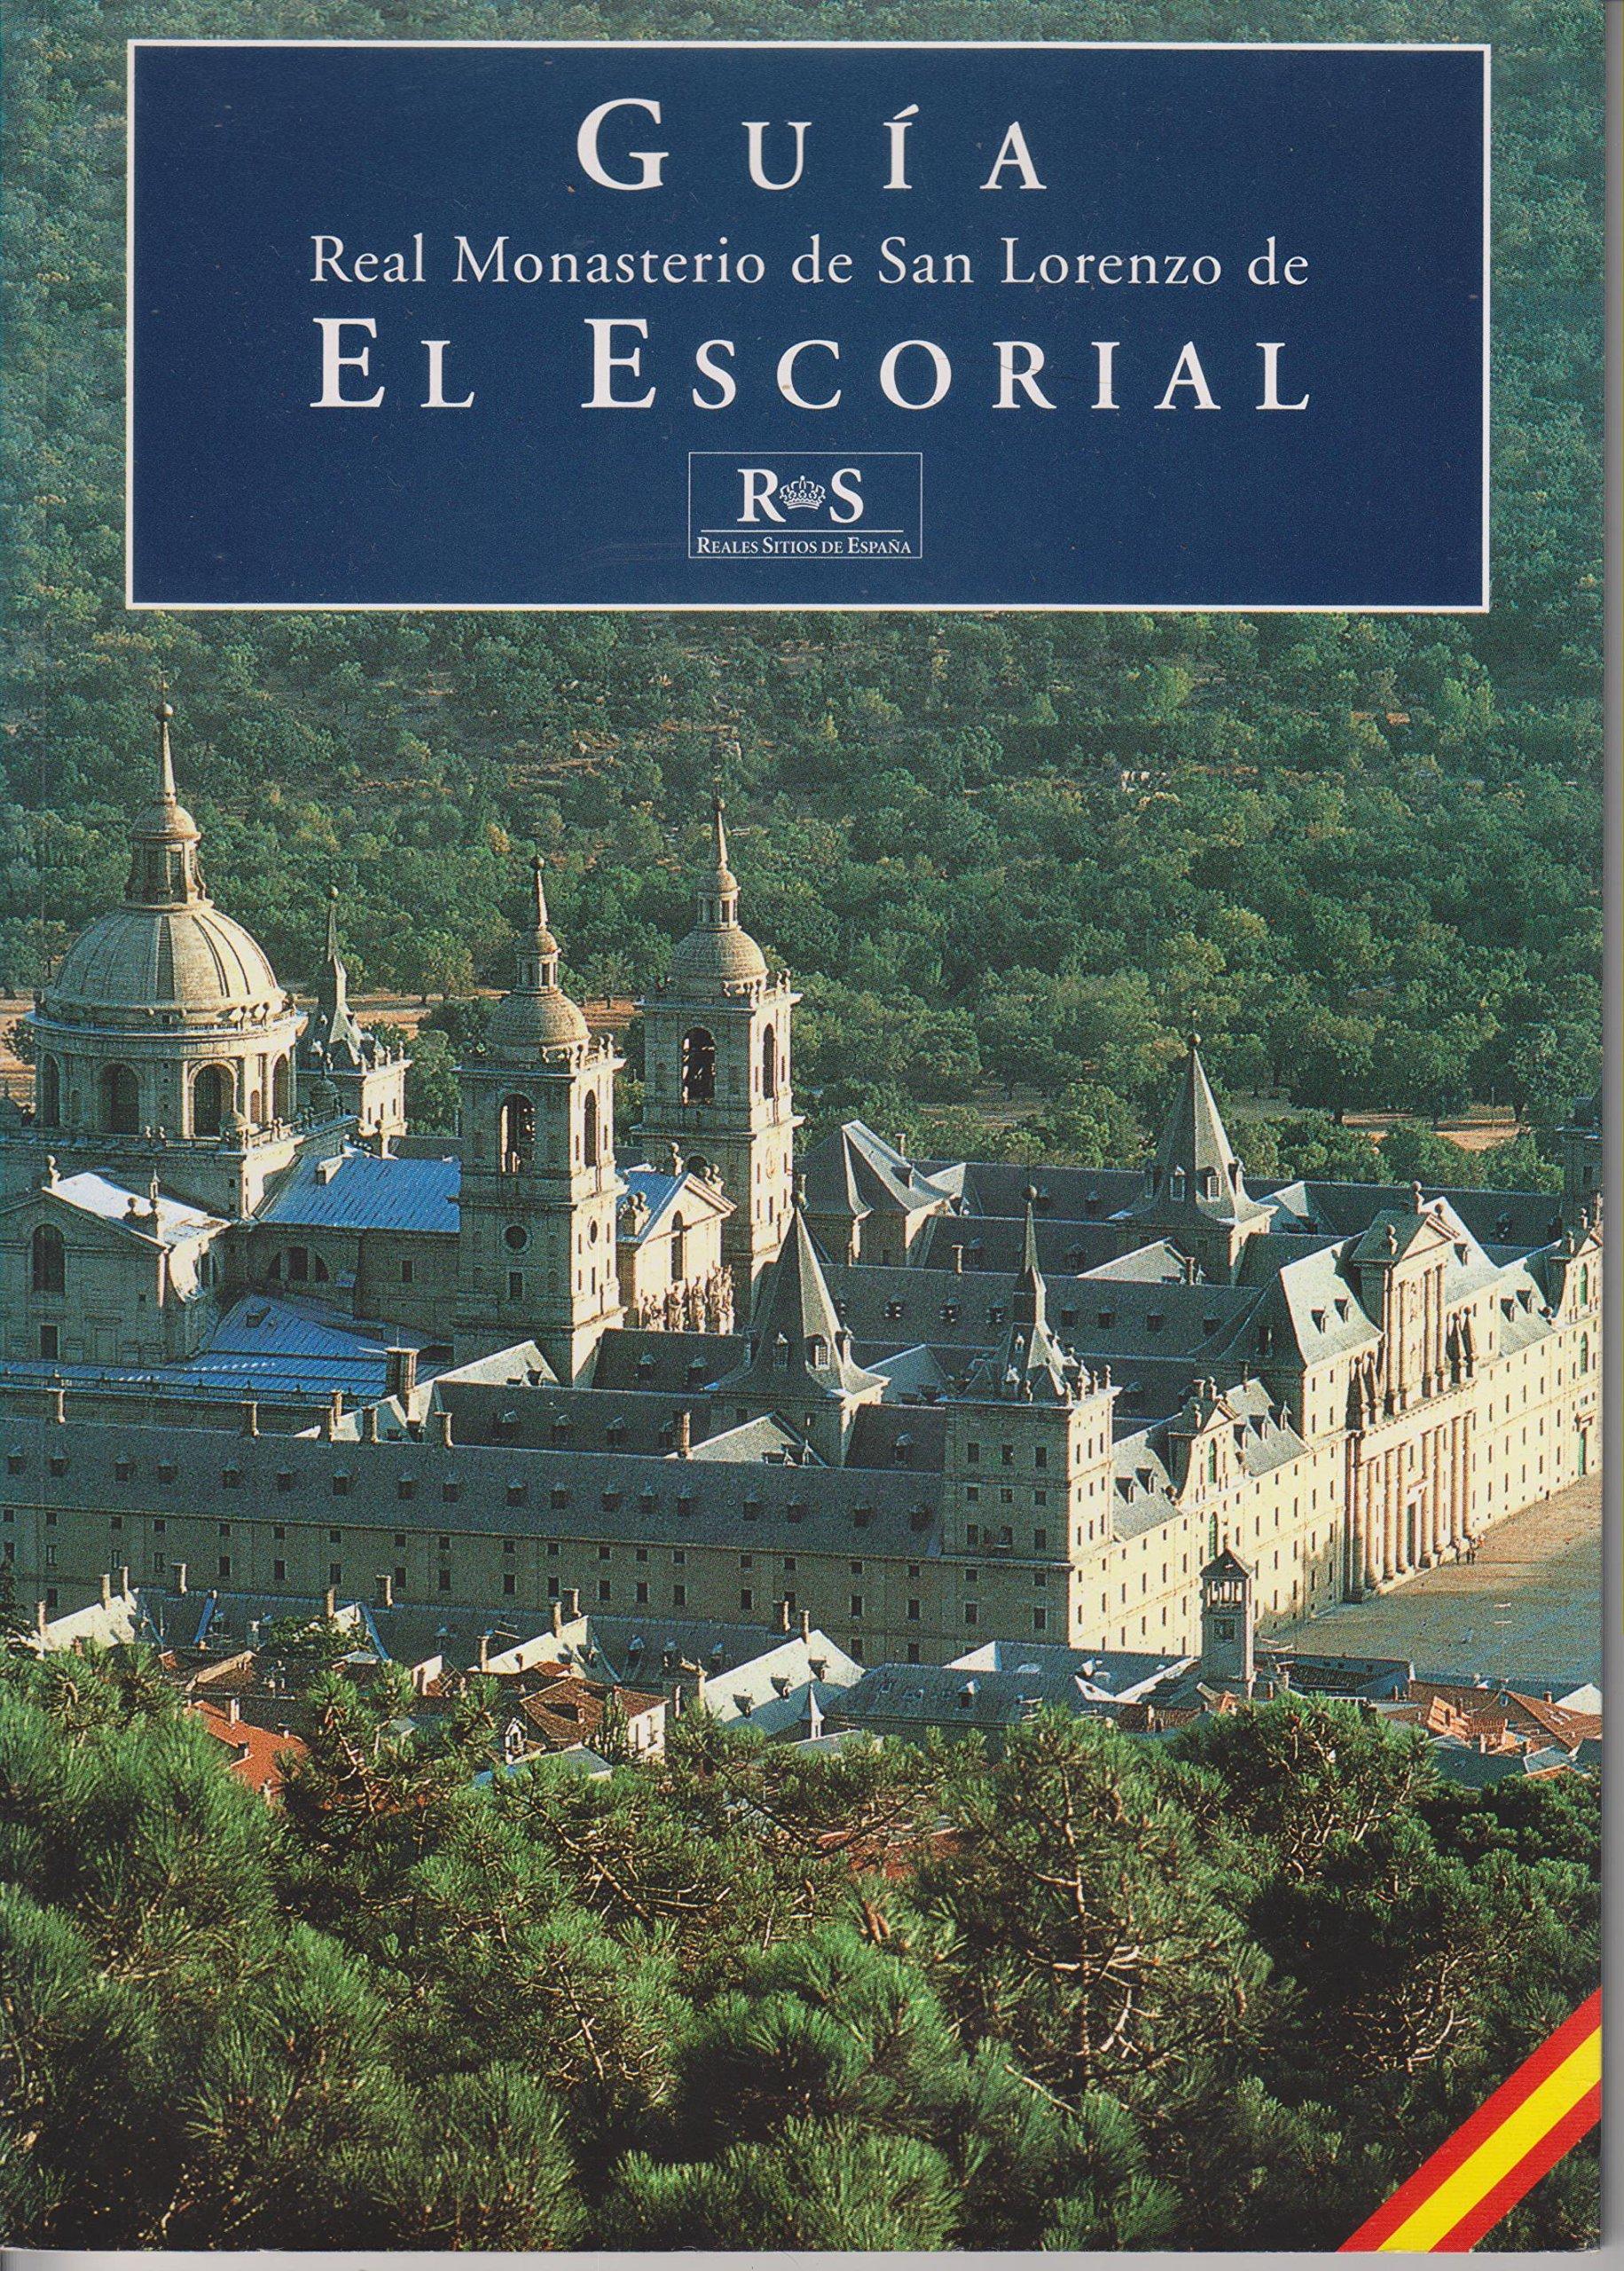 Guia del real monasterio de san Lorenzo de el escorial: Amazon.es: Garcia-Frias Checa, Carmen, Sancho: Libros